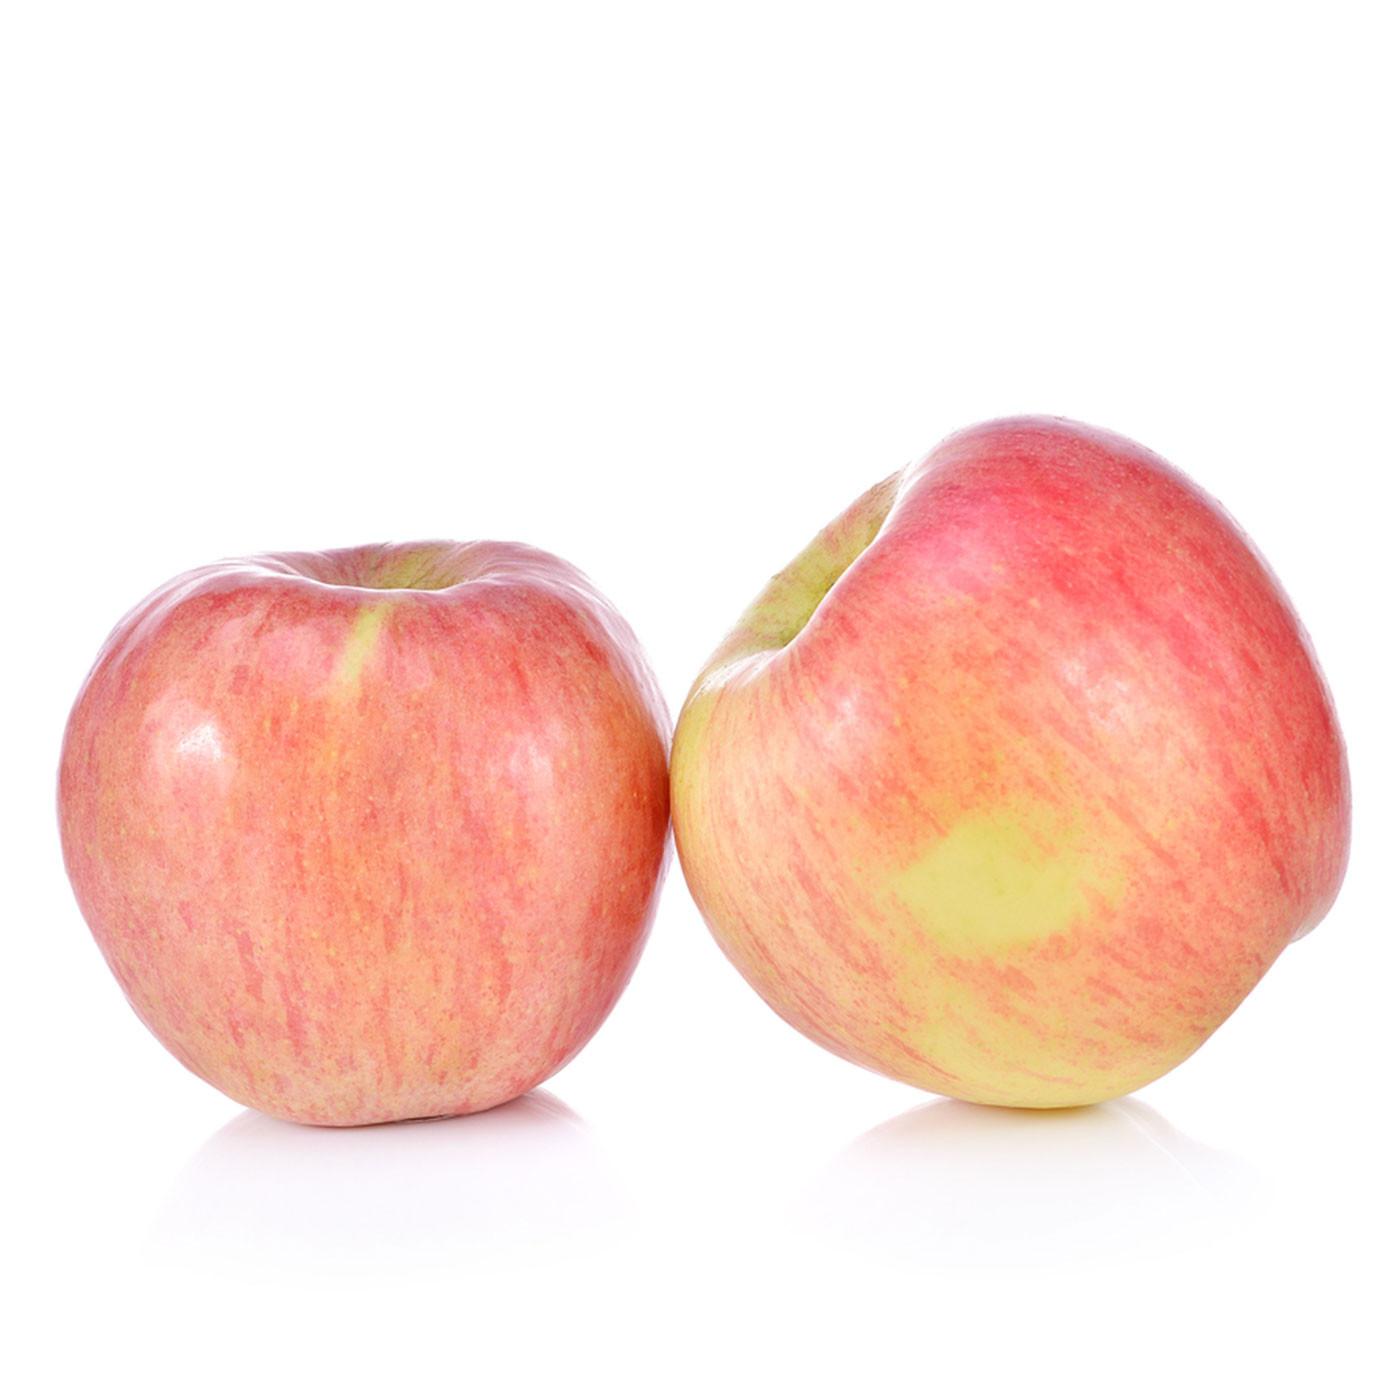 Μήλα Φούτζι Βερμίου